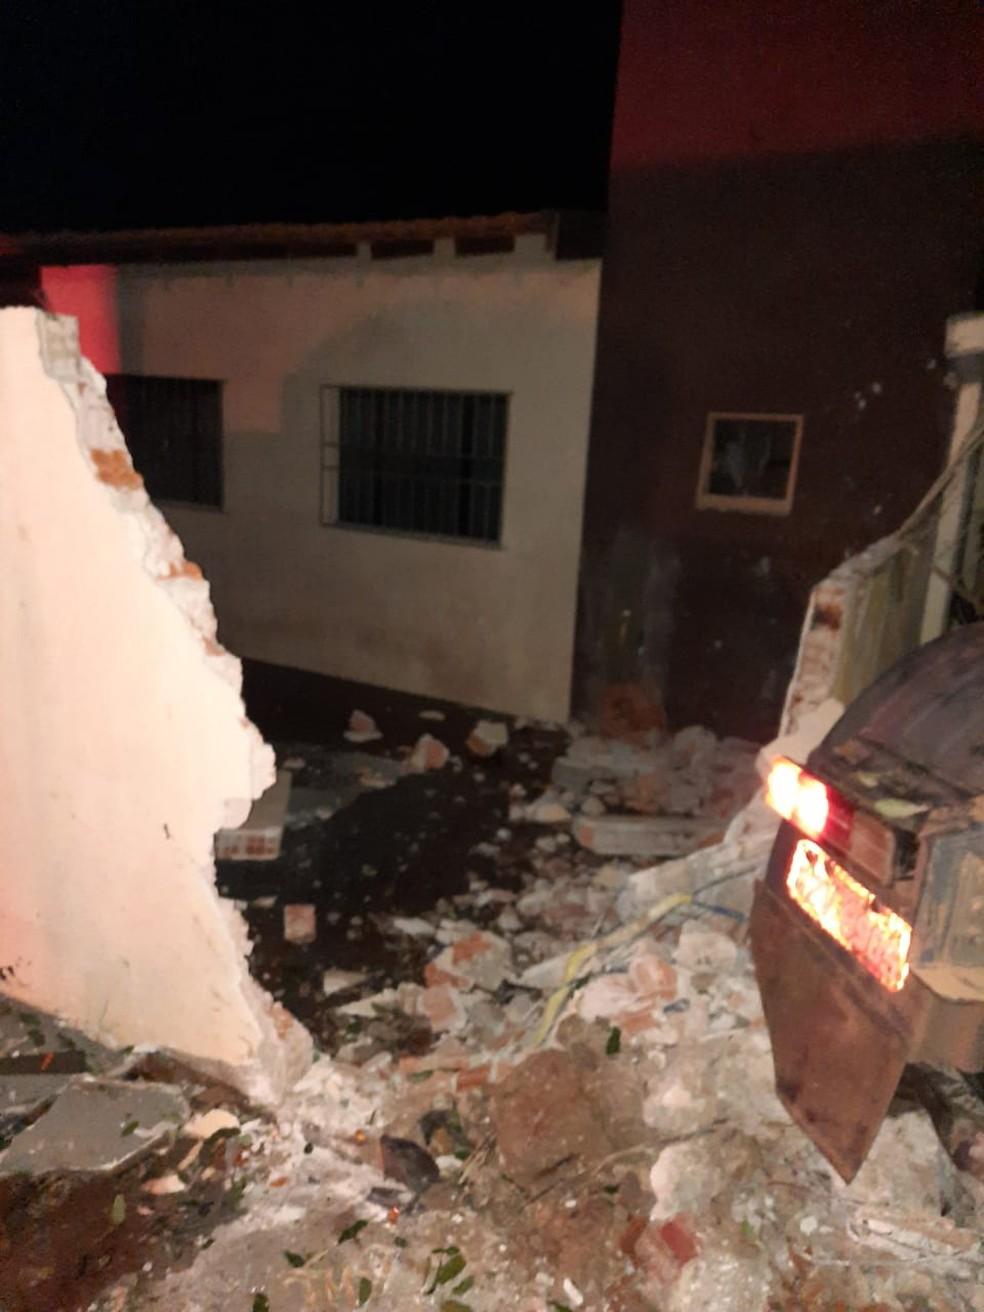 Acidente em Porecatu aconteceu na noite de quinta-feira (24) — Foto: Gustavo Donato/GD Propagandas